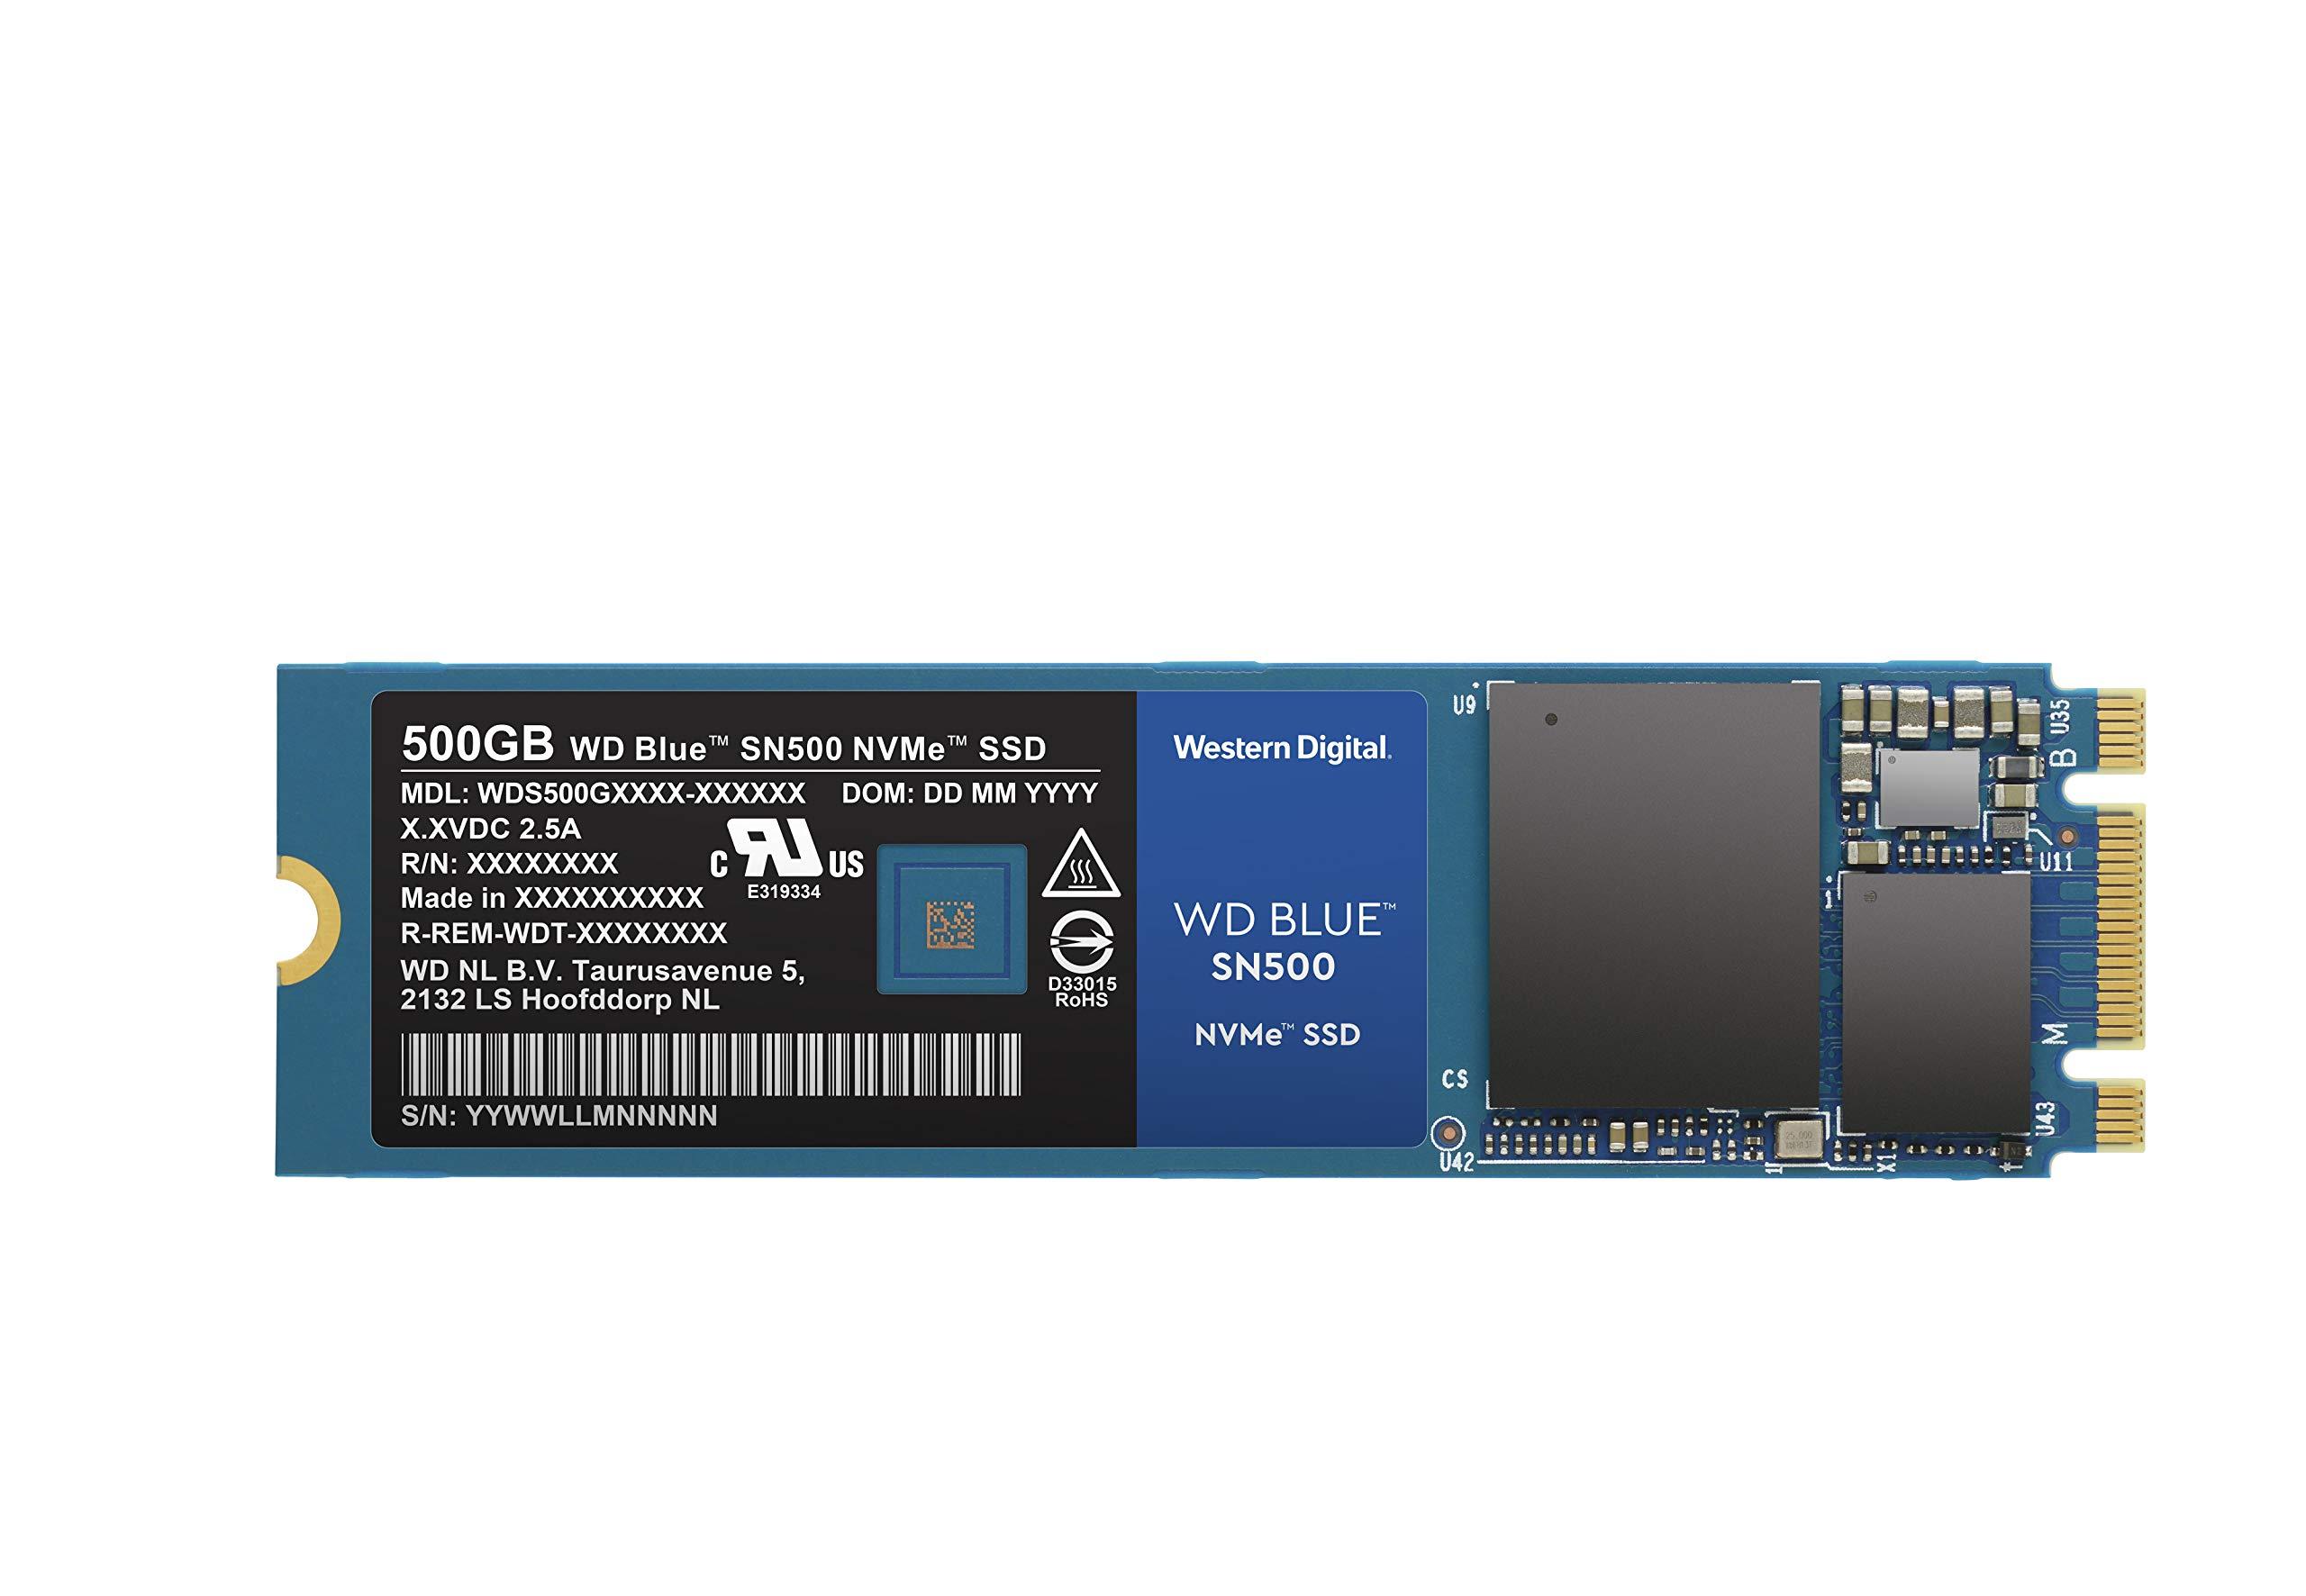 WD Blue SN500 500GB NVMe Internal SSD - Gen3 PCIe, M.2 2280, 3D NAND - WDS500G1B0C